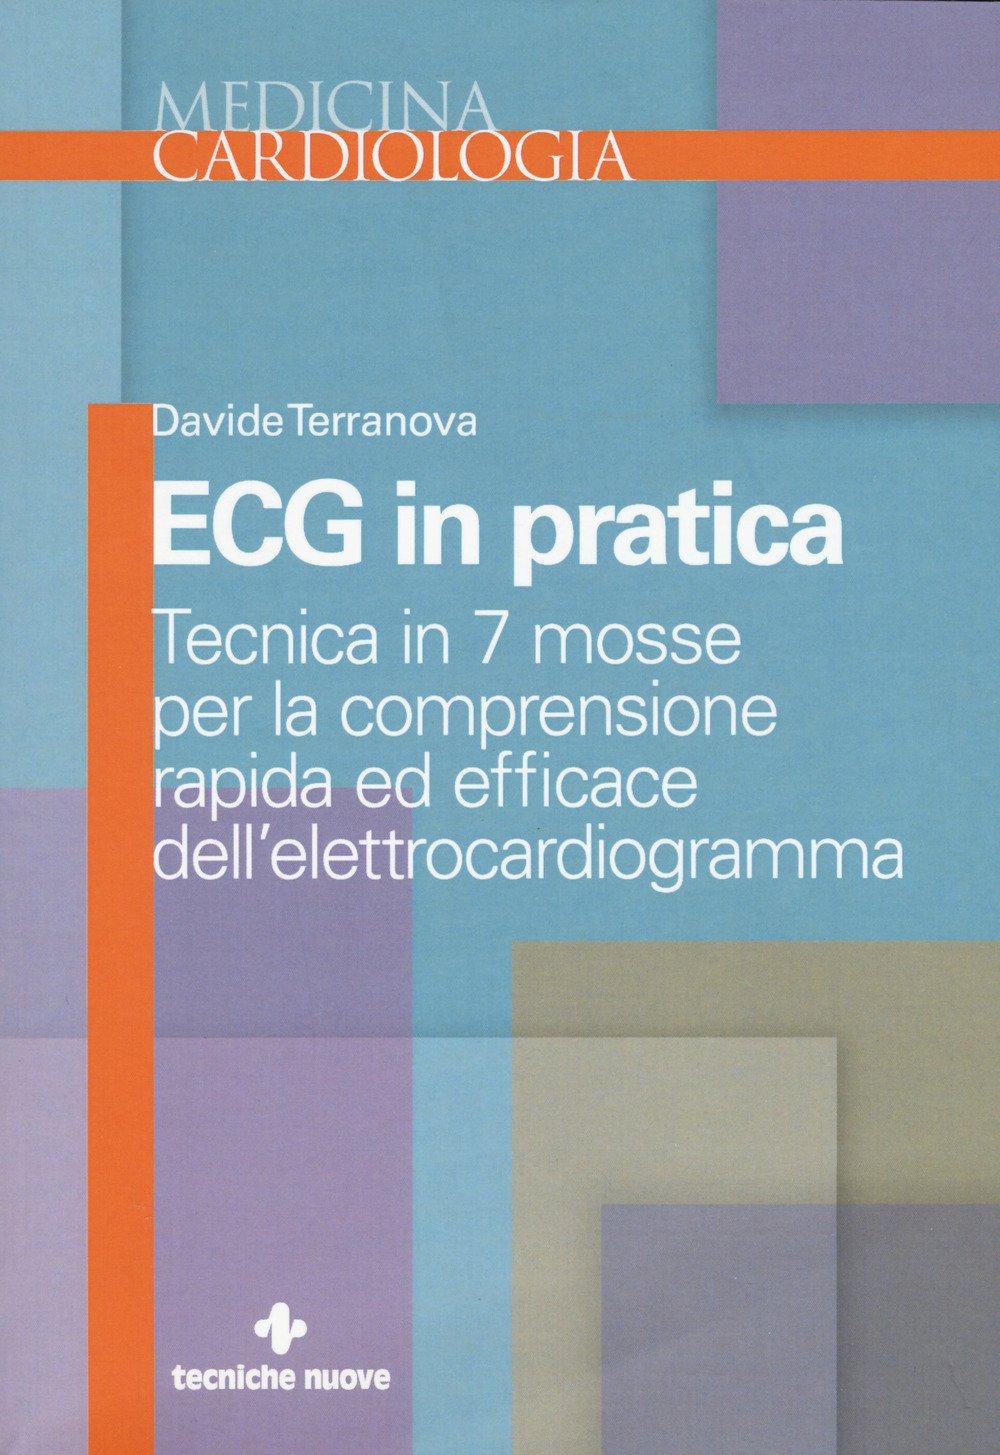 Ecg in pratica. Tecnica in 7 mosse per la comprensione rapida ed efficace dell'elettrocardiogramma